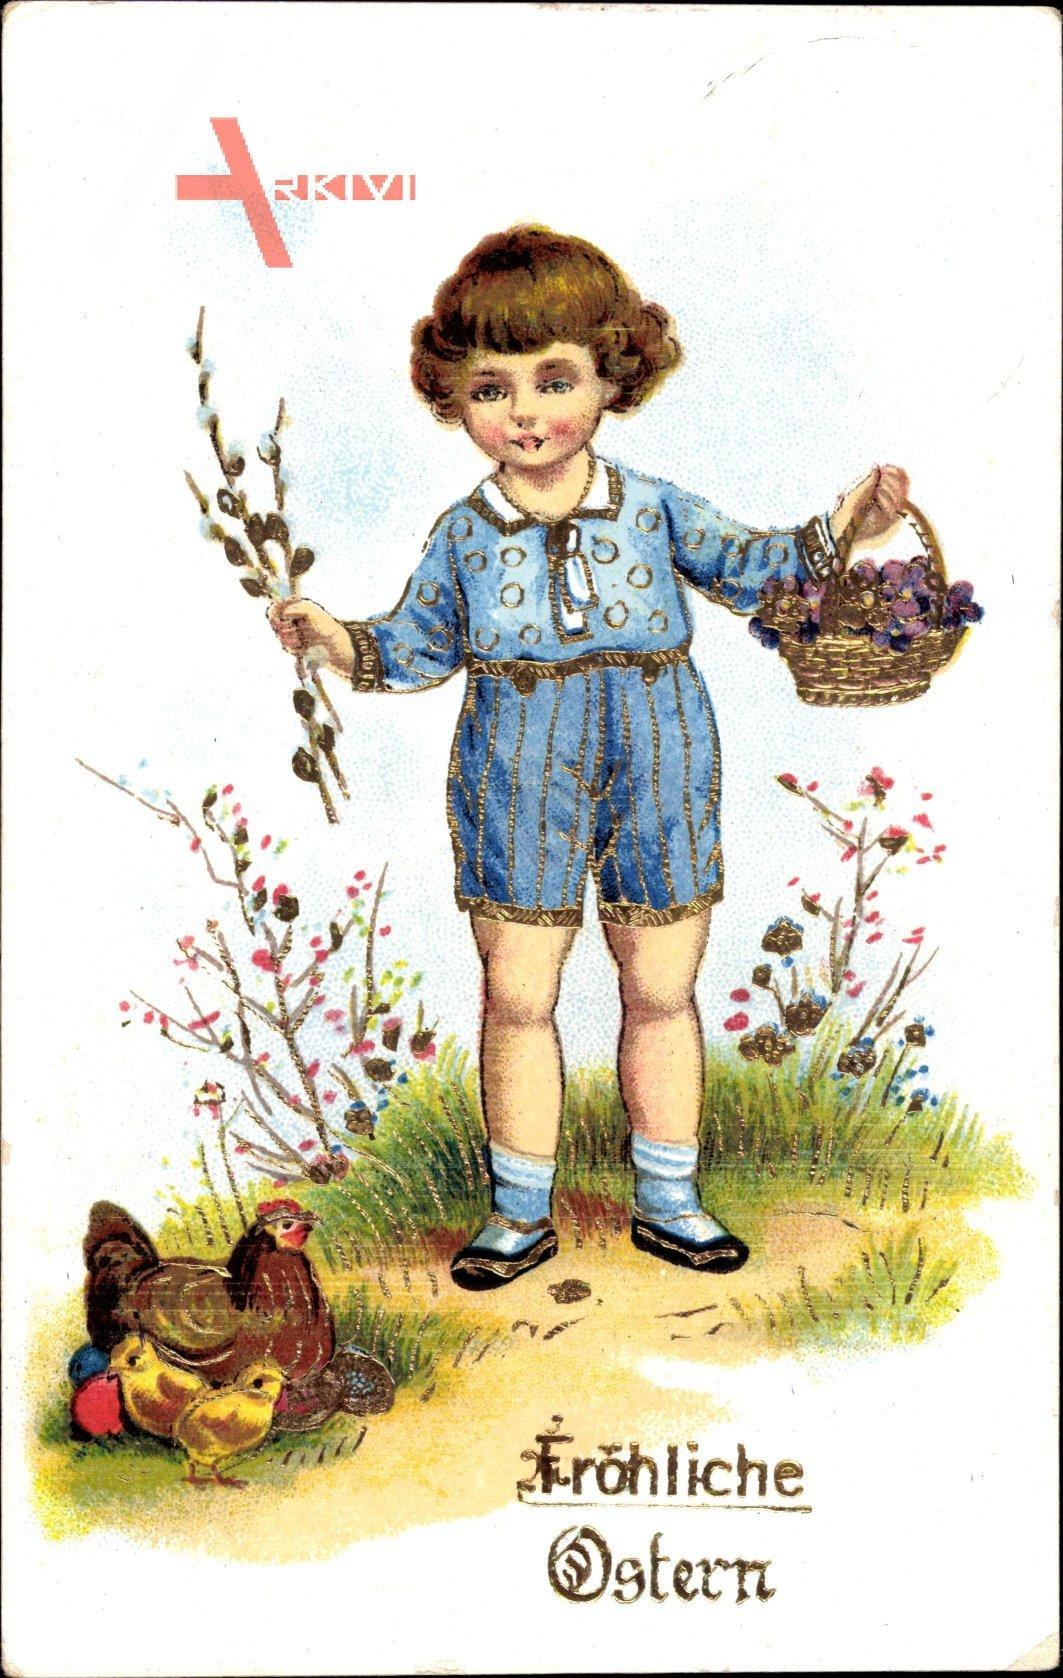 Glückwunsch Ostern, Kleiner Junge, Küken, Huhn, Ostereier